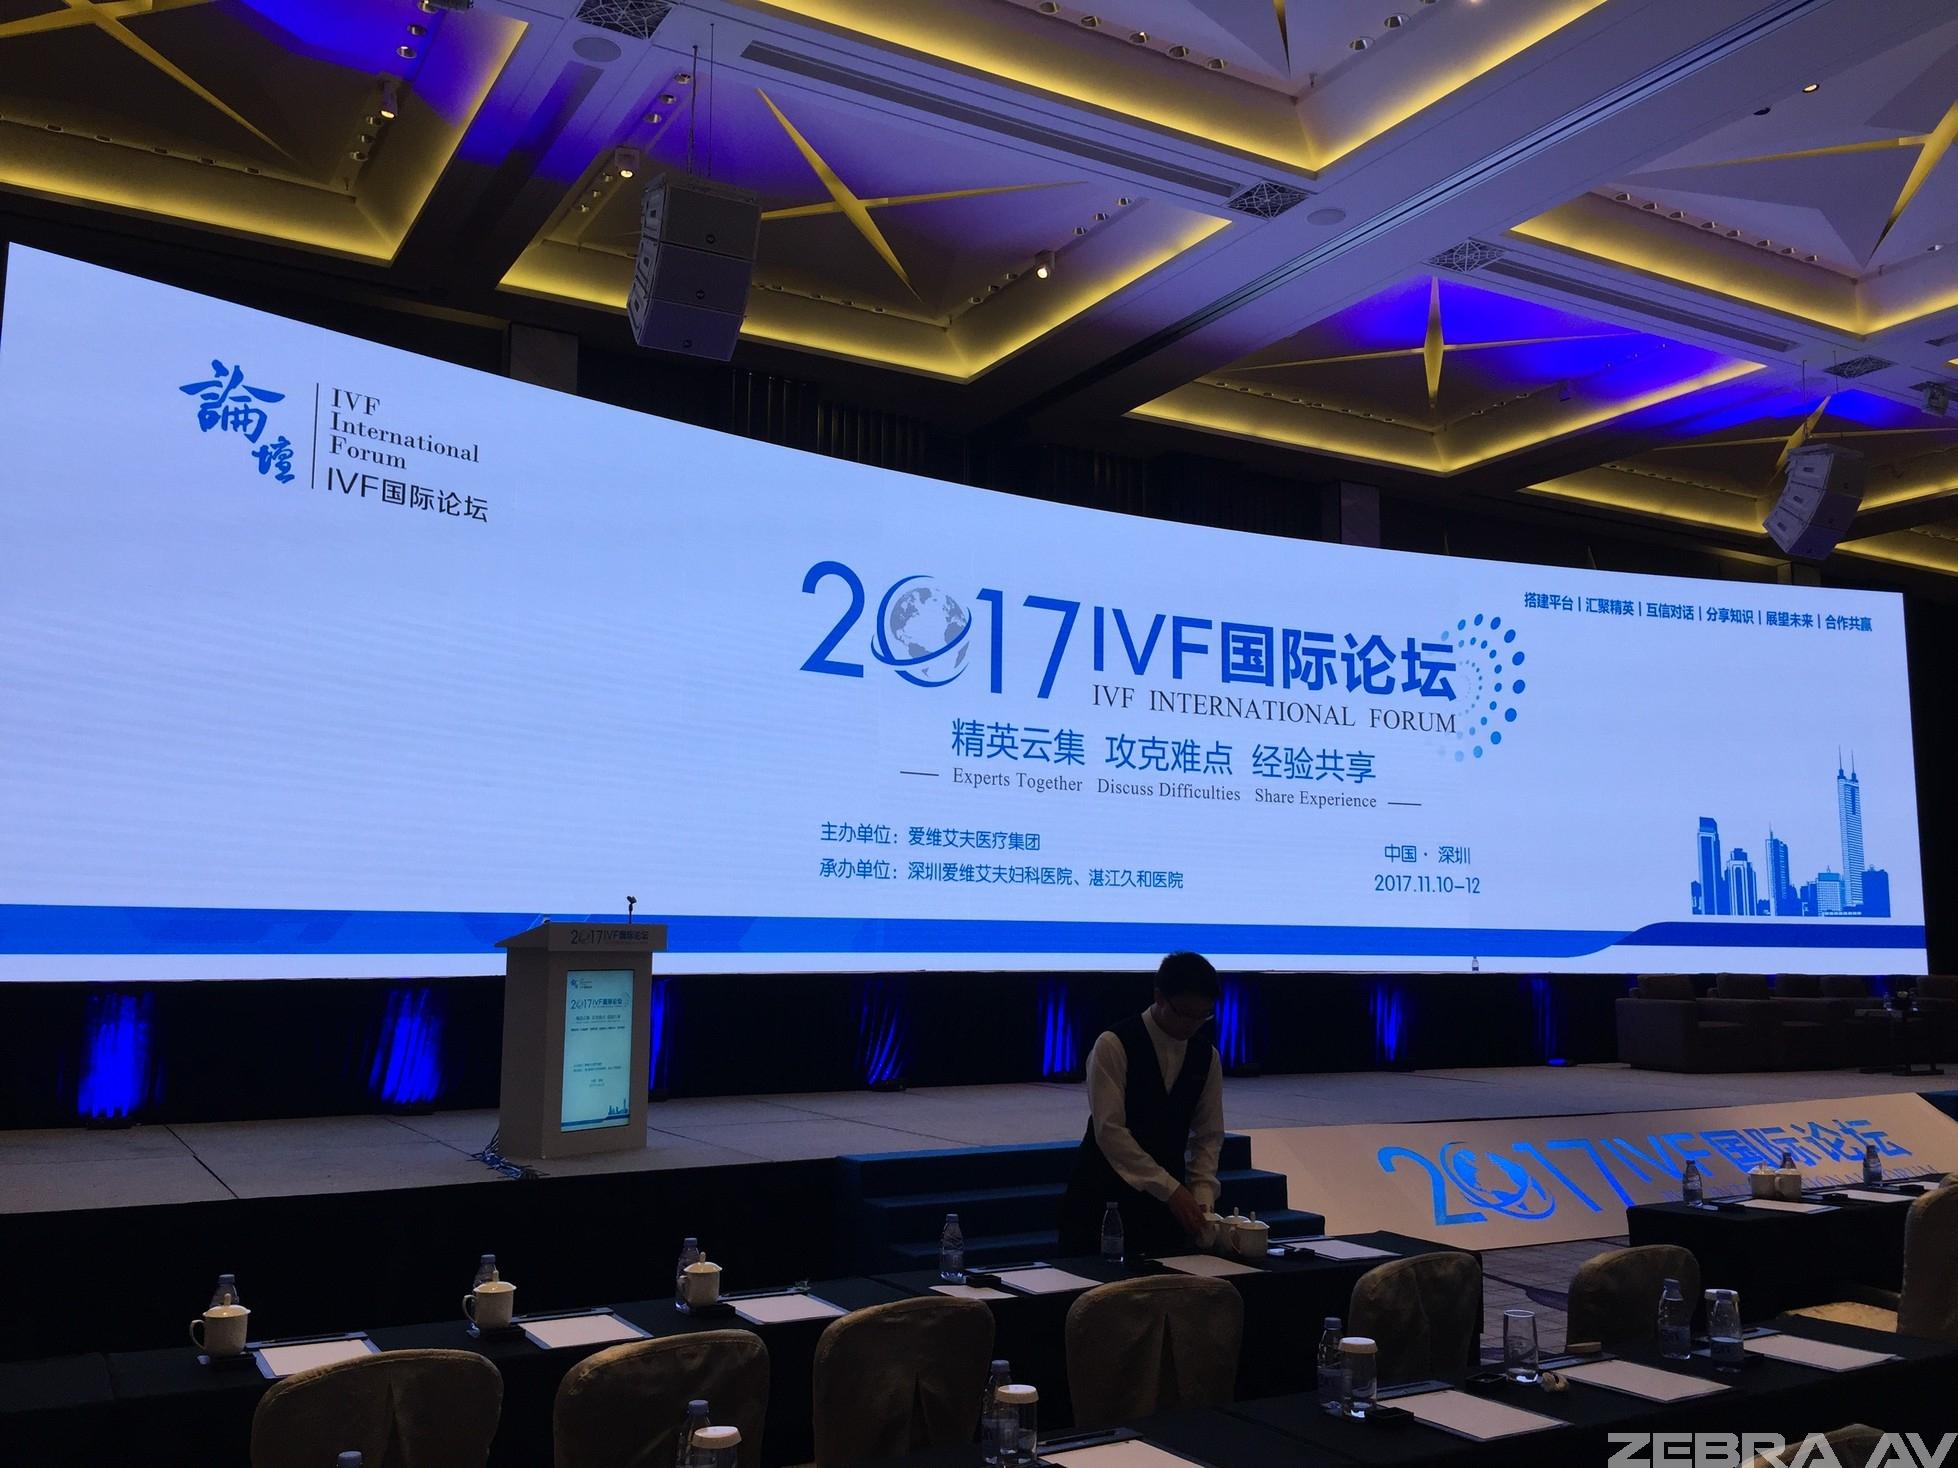 IVF国际论坛